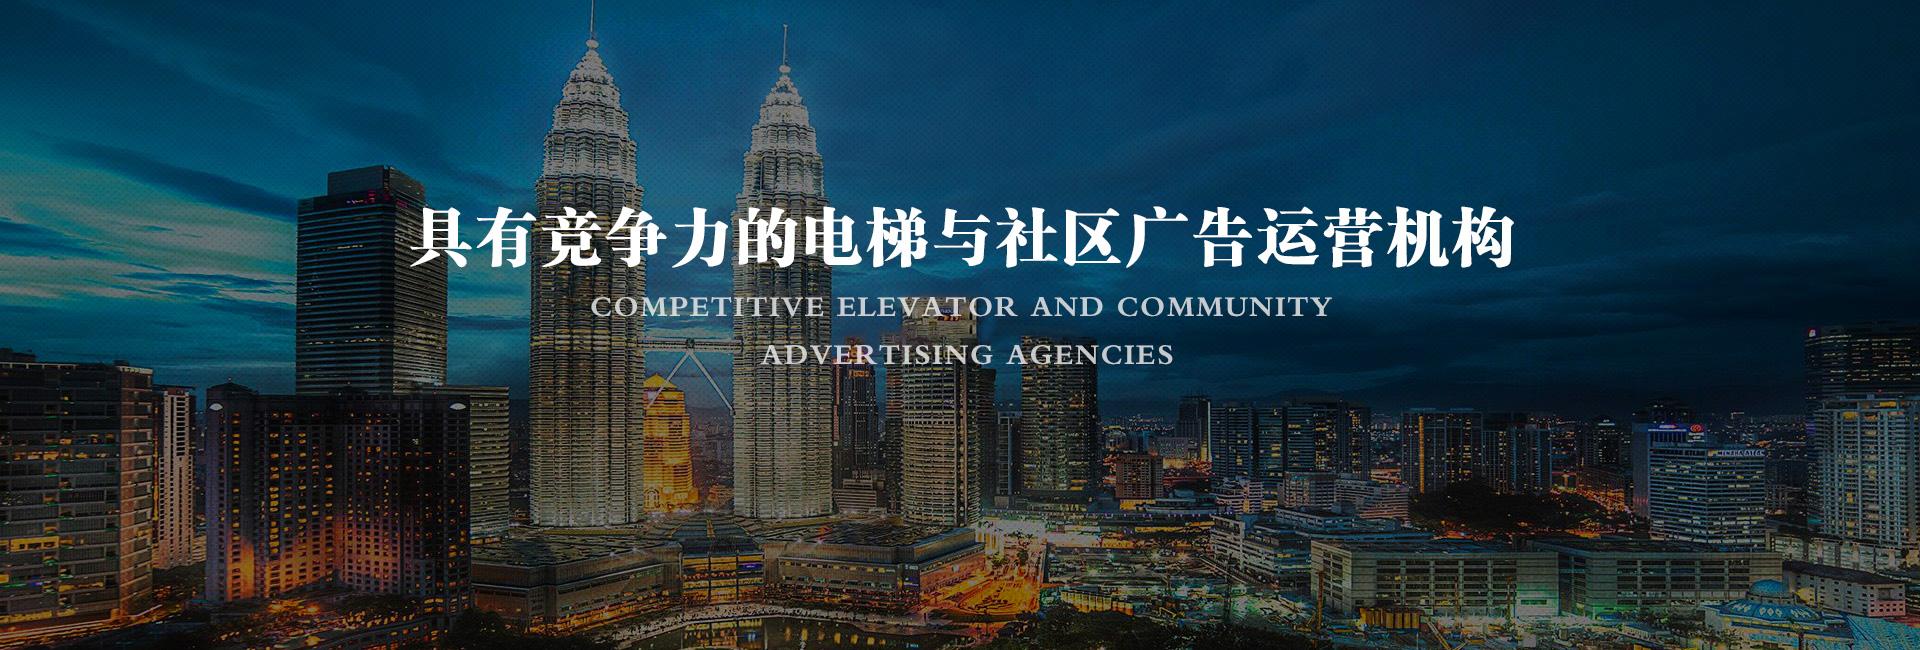 贛州電梯廣告